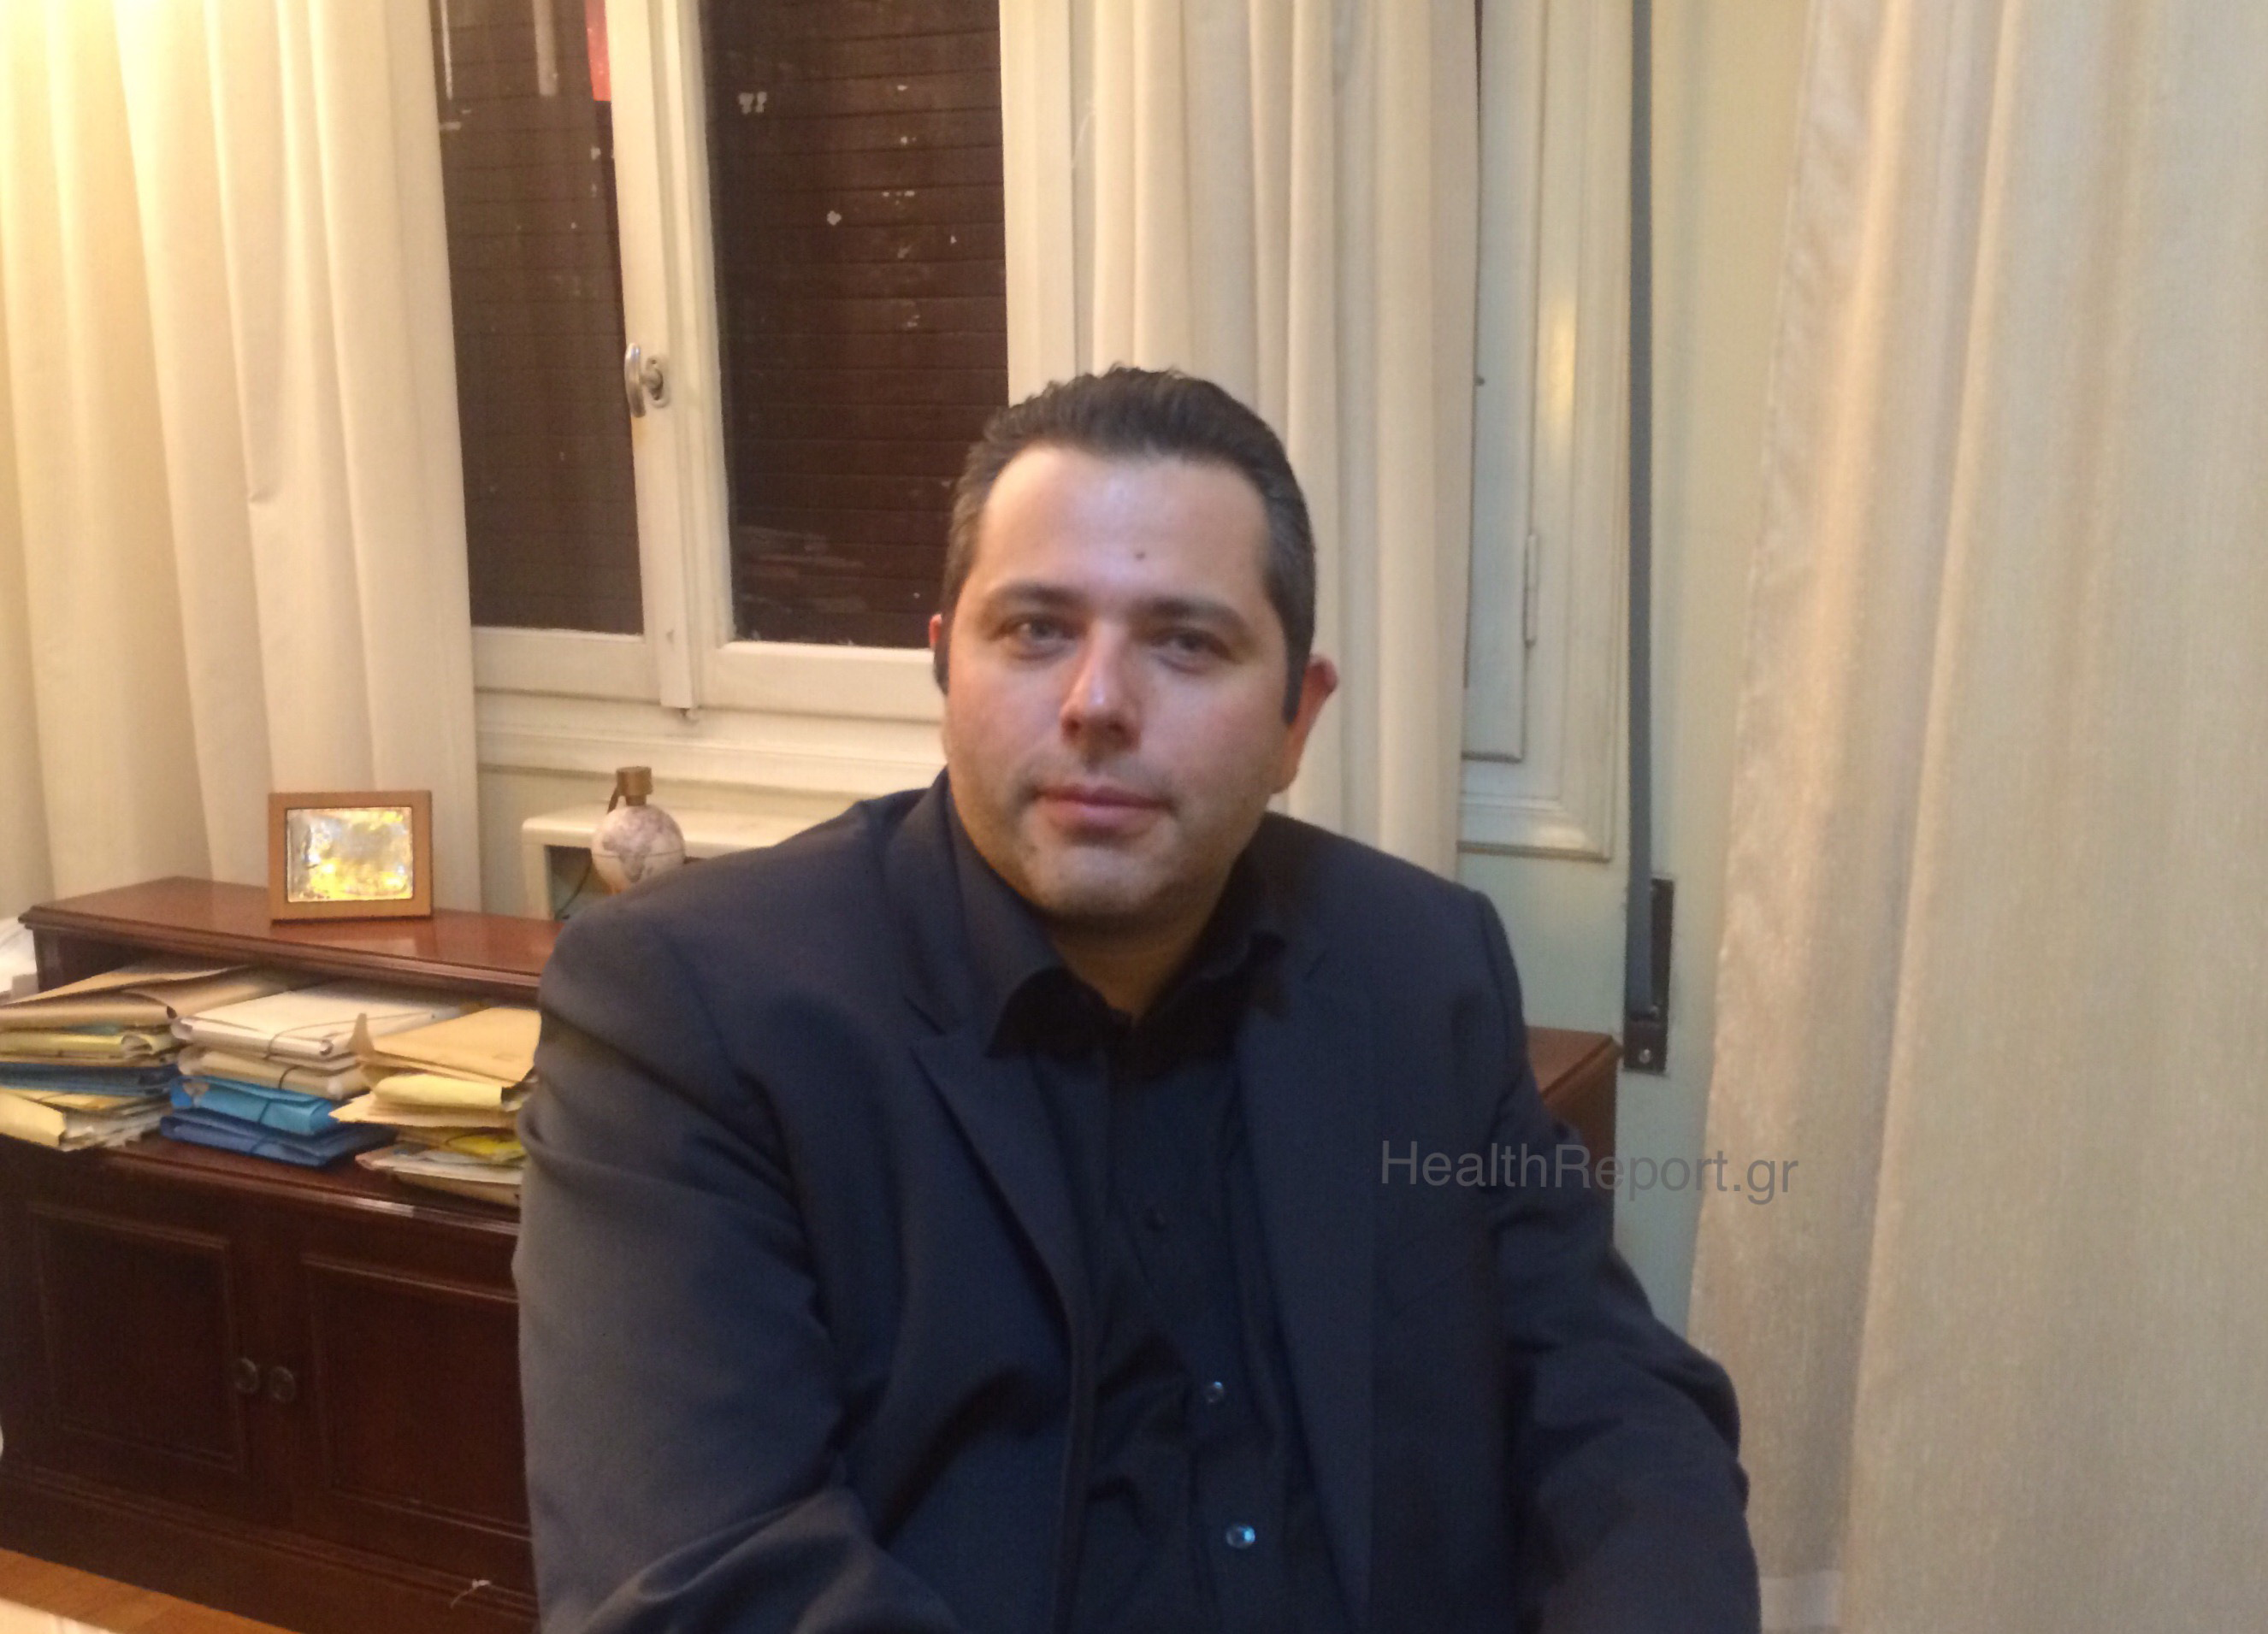 Ο νέος πρόεδρος του ΕΟΠΥΥ αποκλειστικά στο HealthReport.gr! Τι λέει για γιατρούς, κουρέματα, συμβάσεις